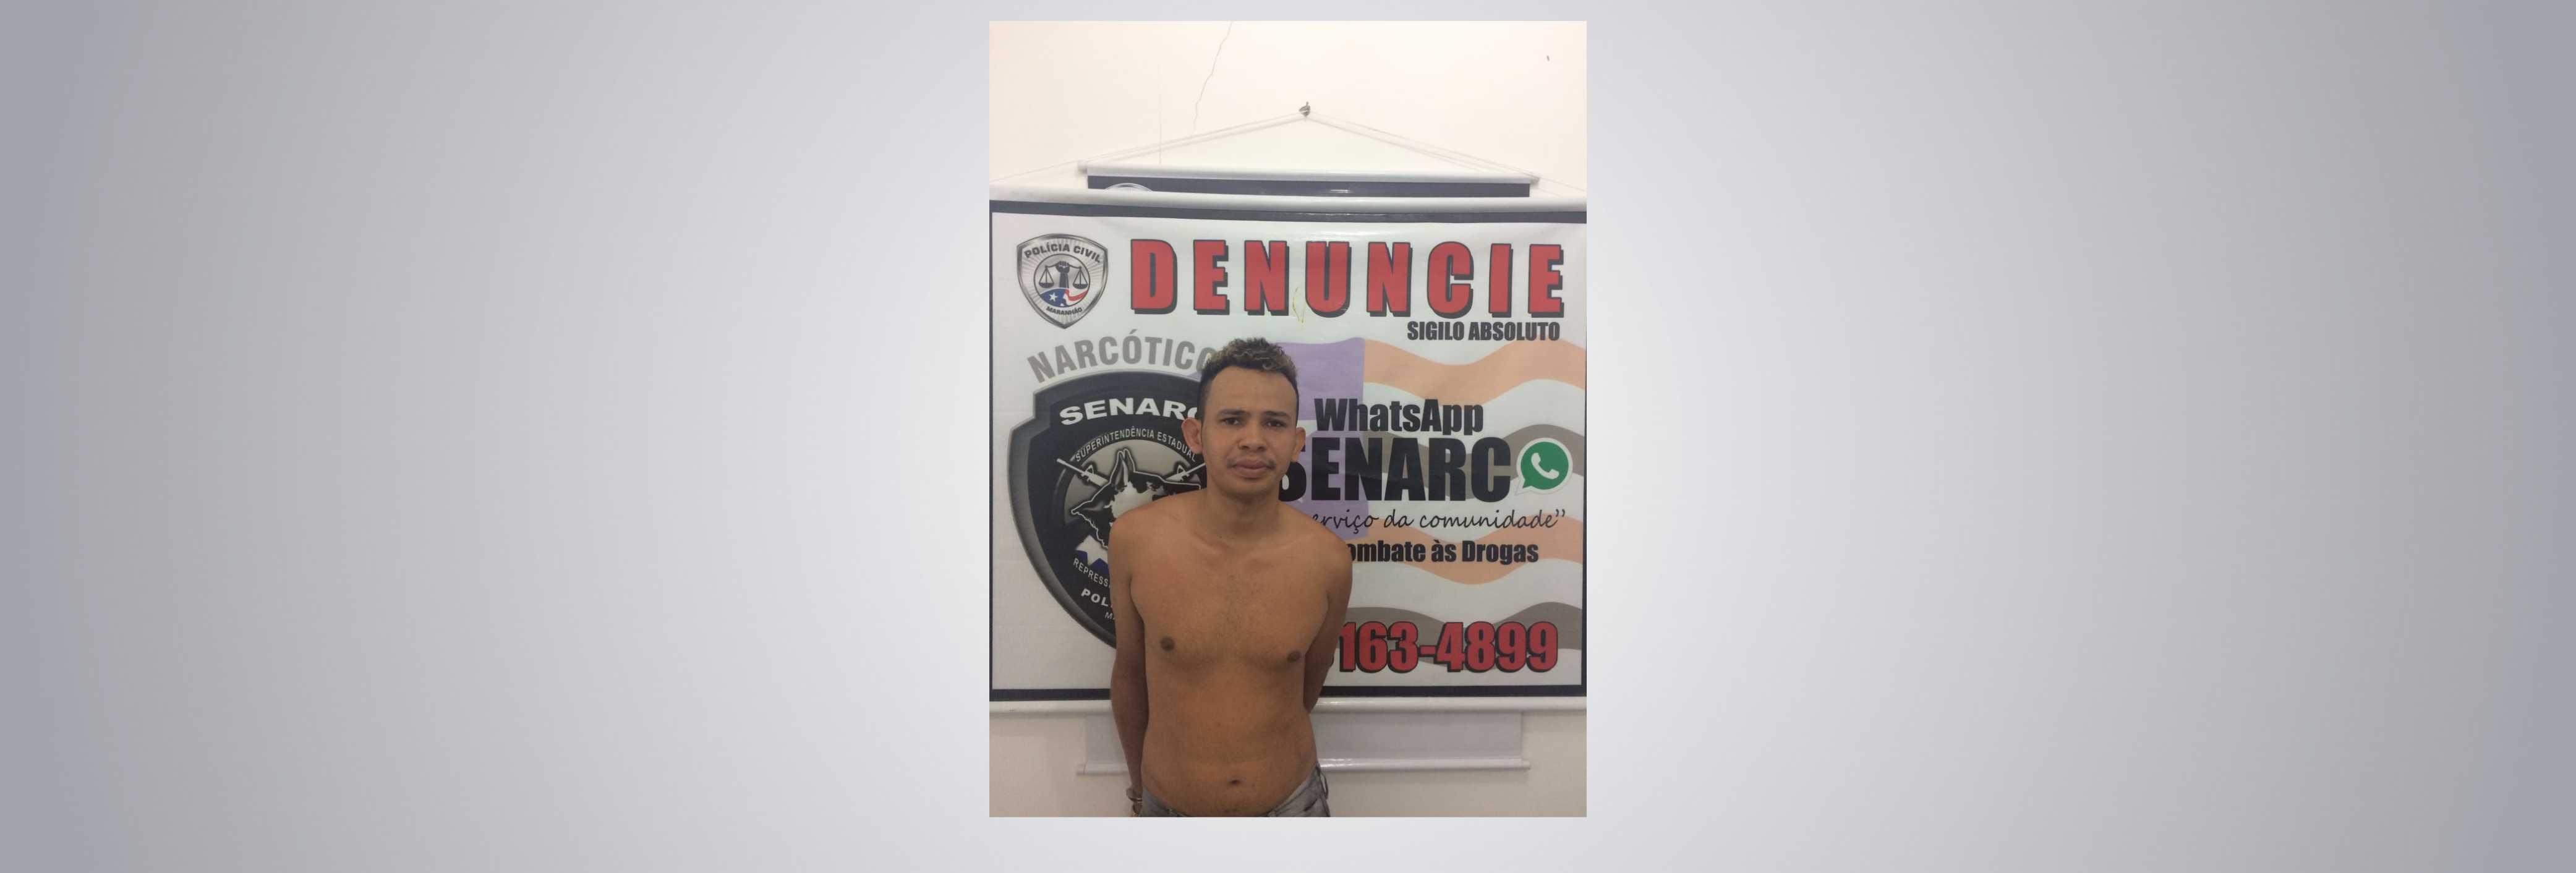 Polícia Civil cumpre mandado de prisão preventiva por tráfico em São Luís